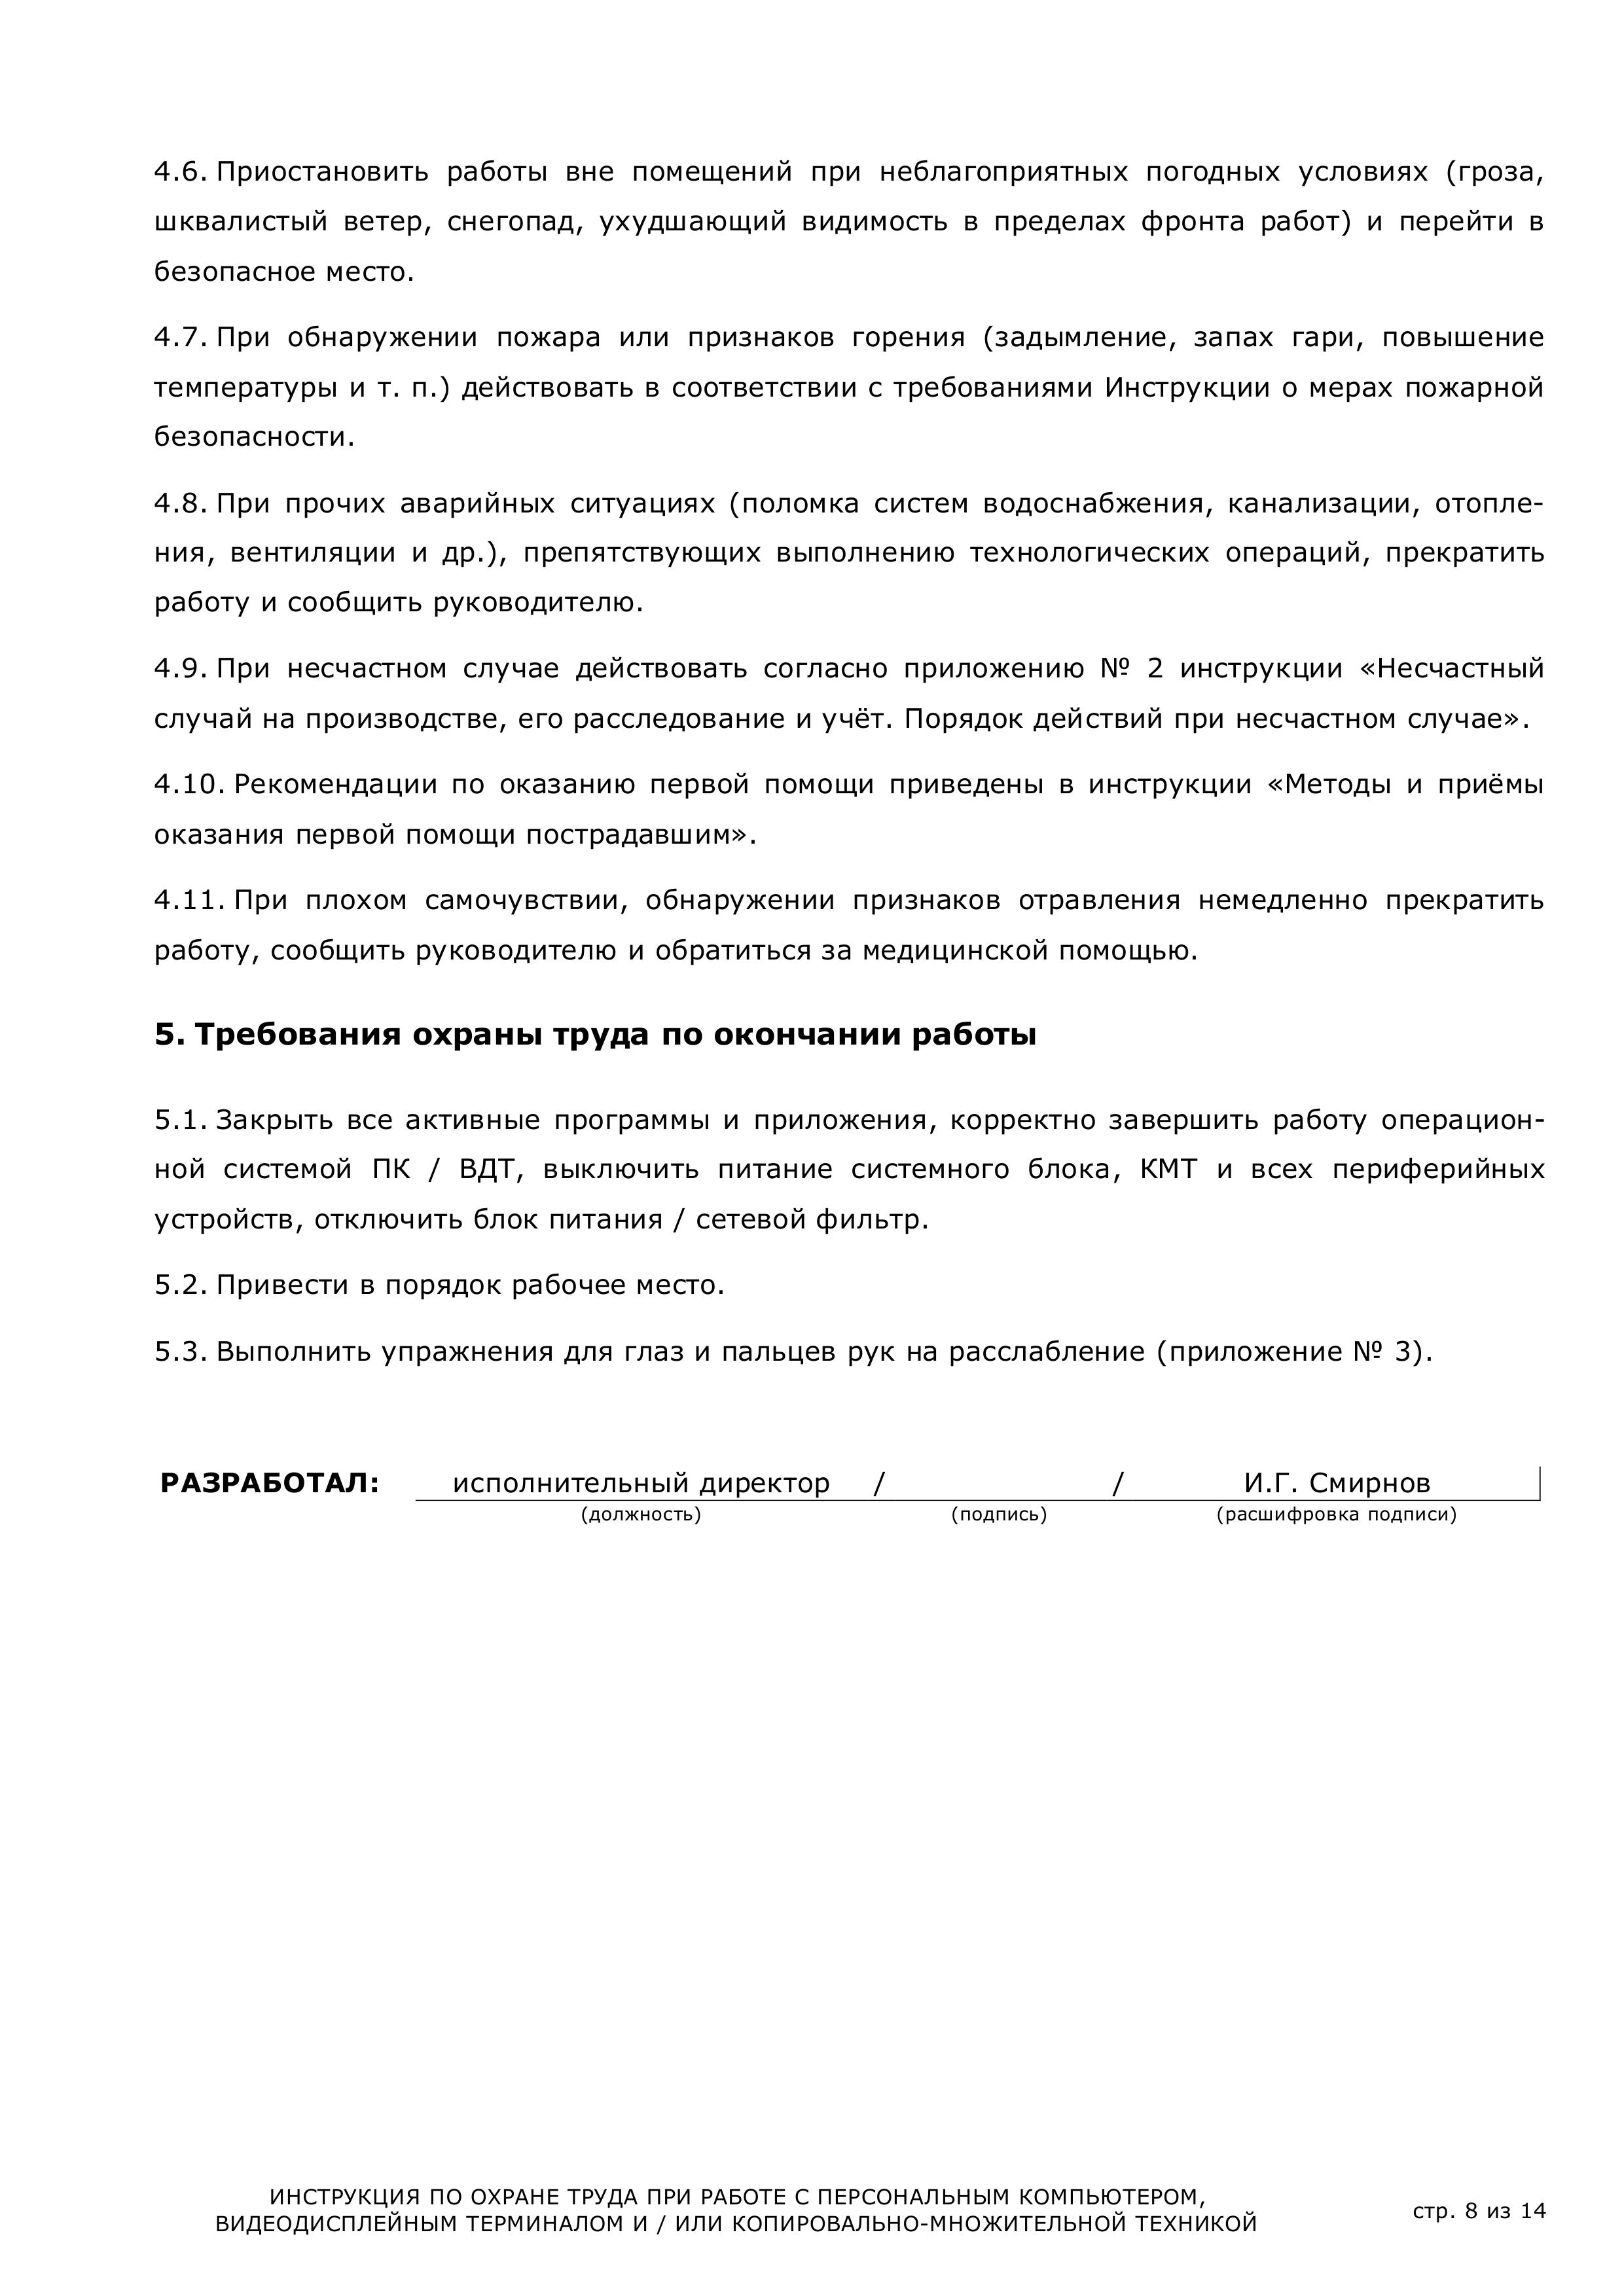 инструкции по охране труда для роботников пищеблока